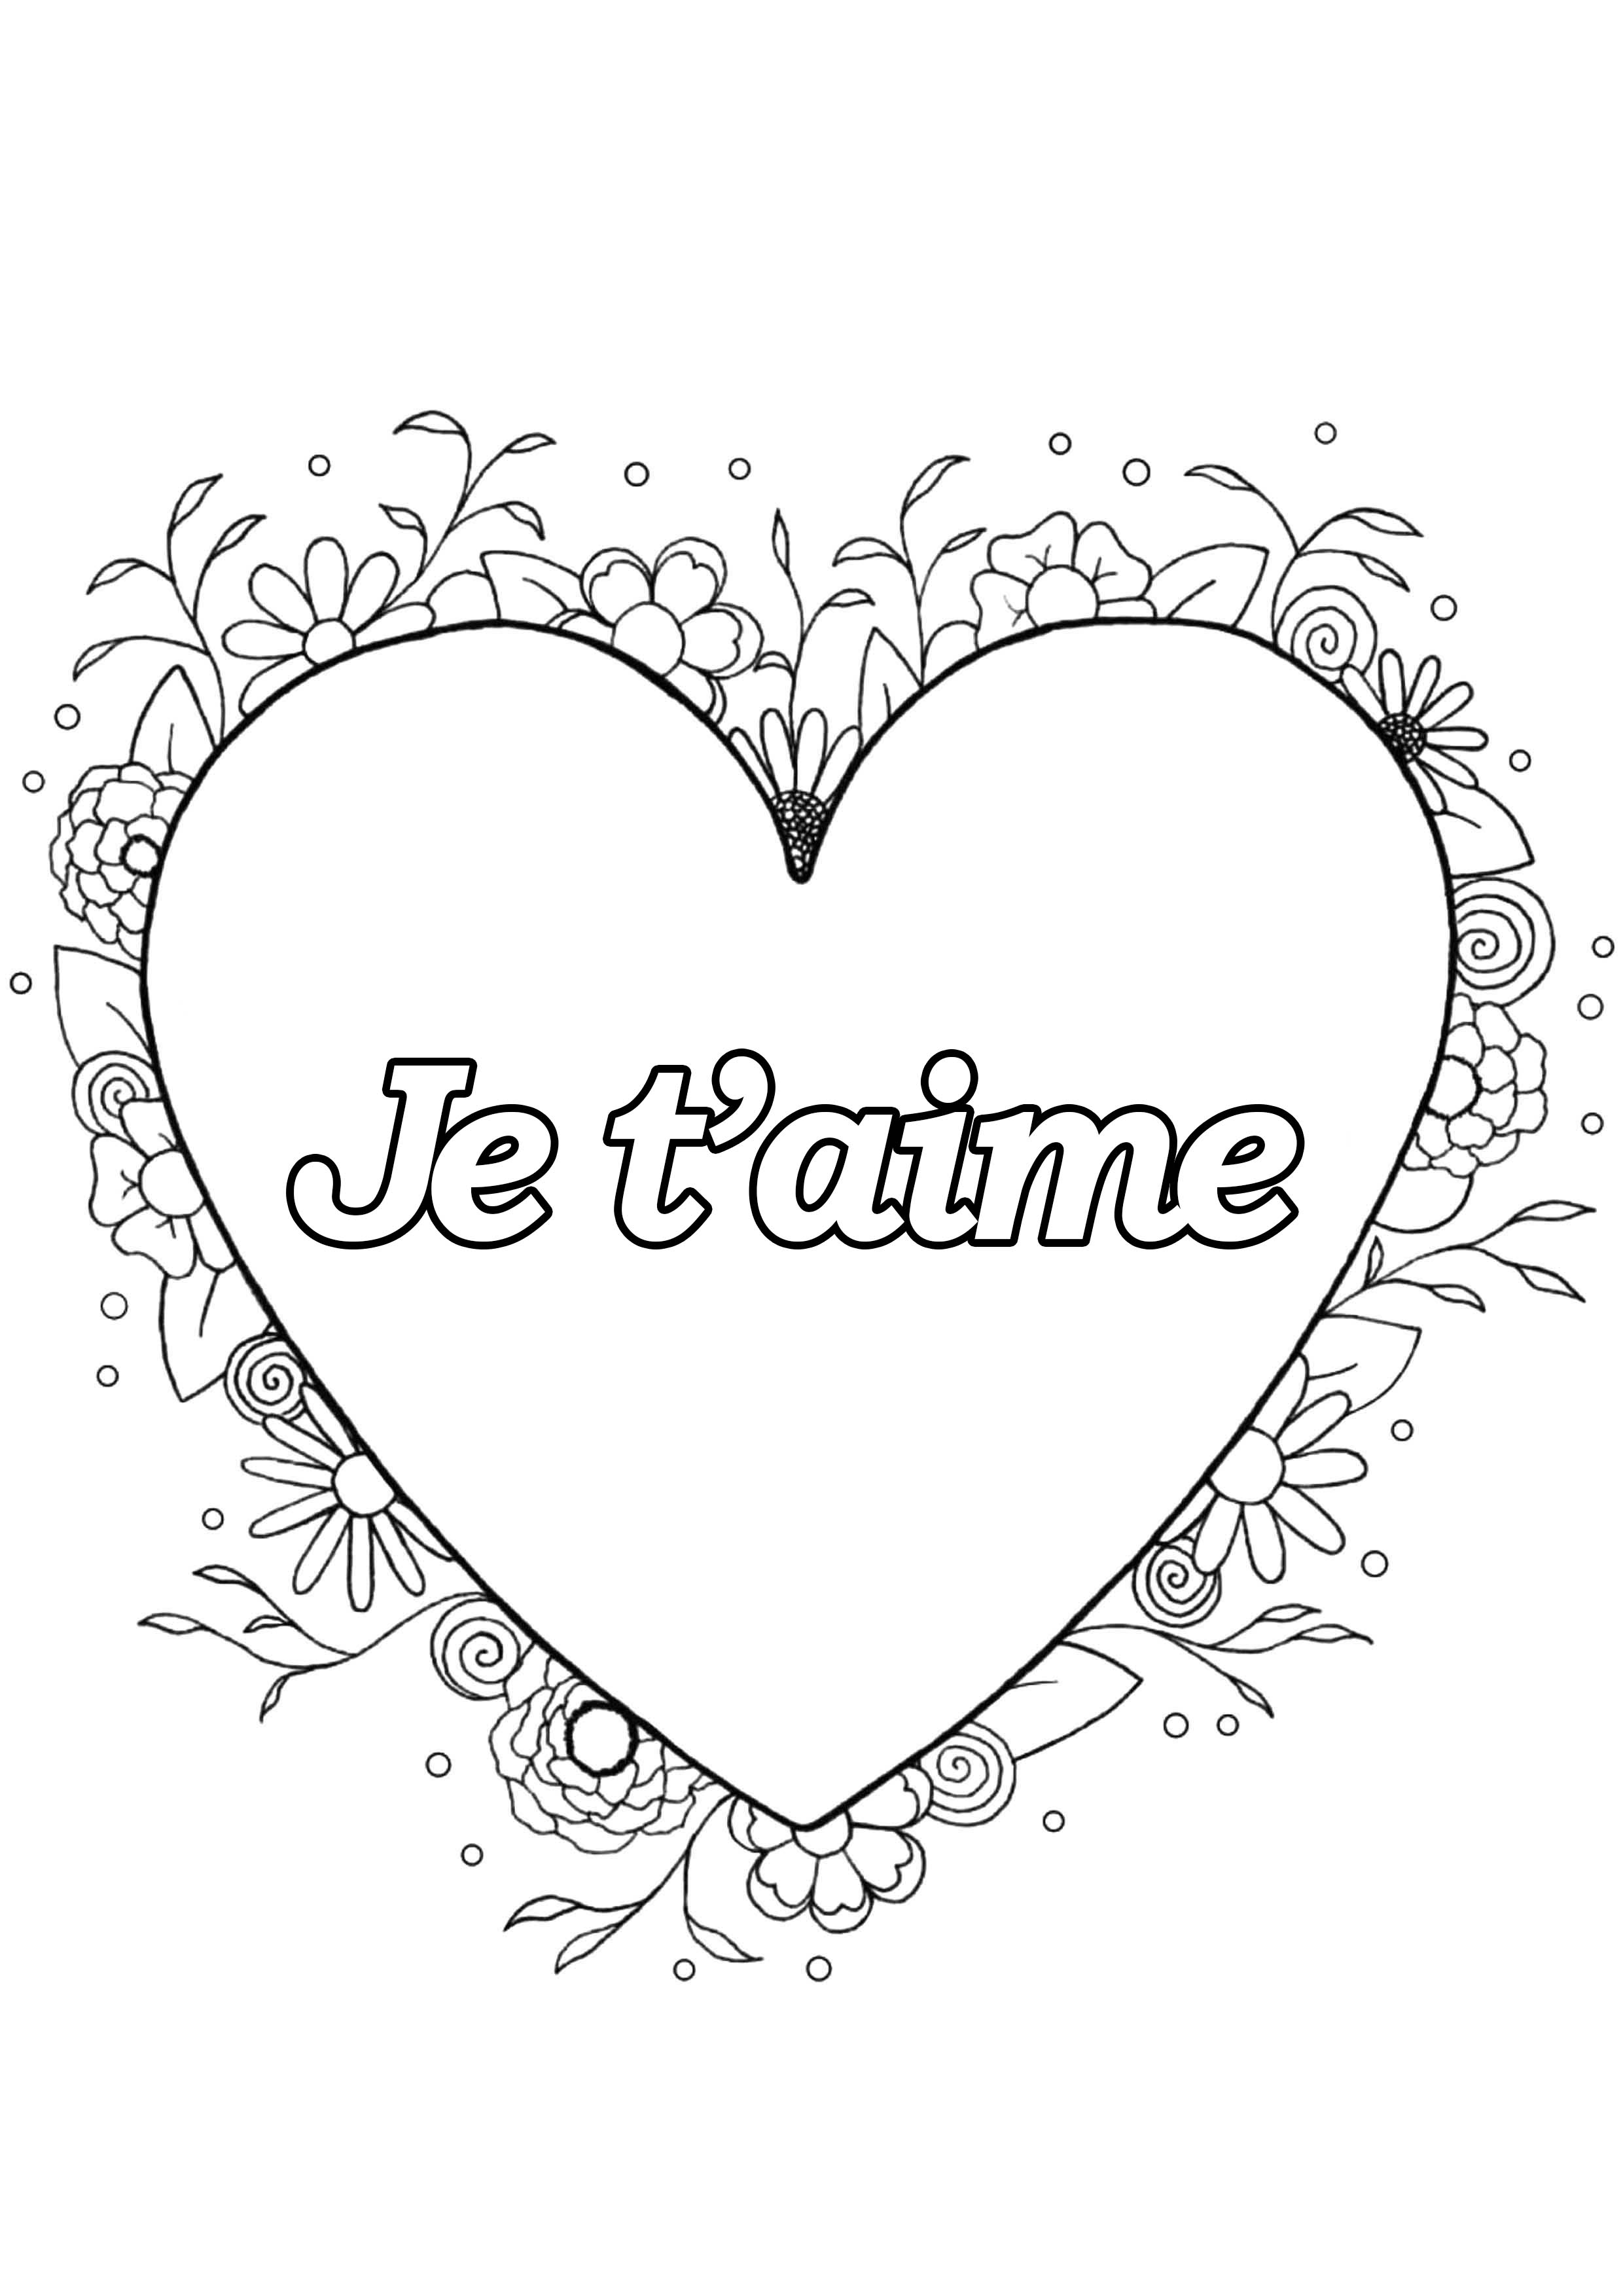 Saint valentin 4 saint valentin coloriages difficiles - Dessin de saint valentin ...